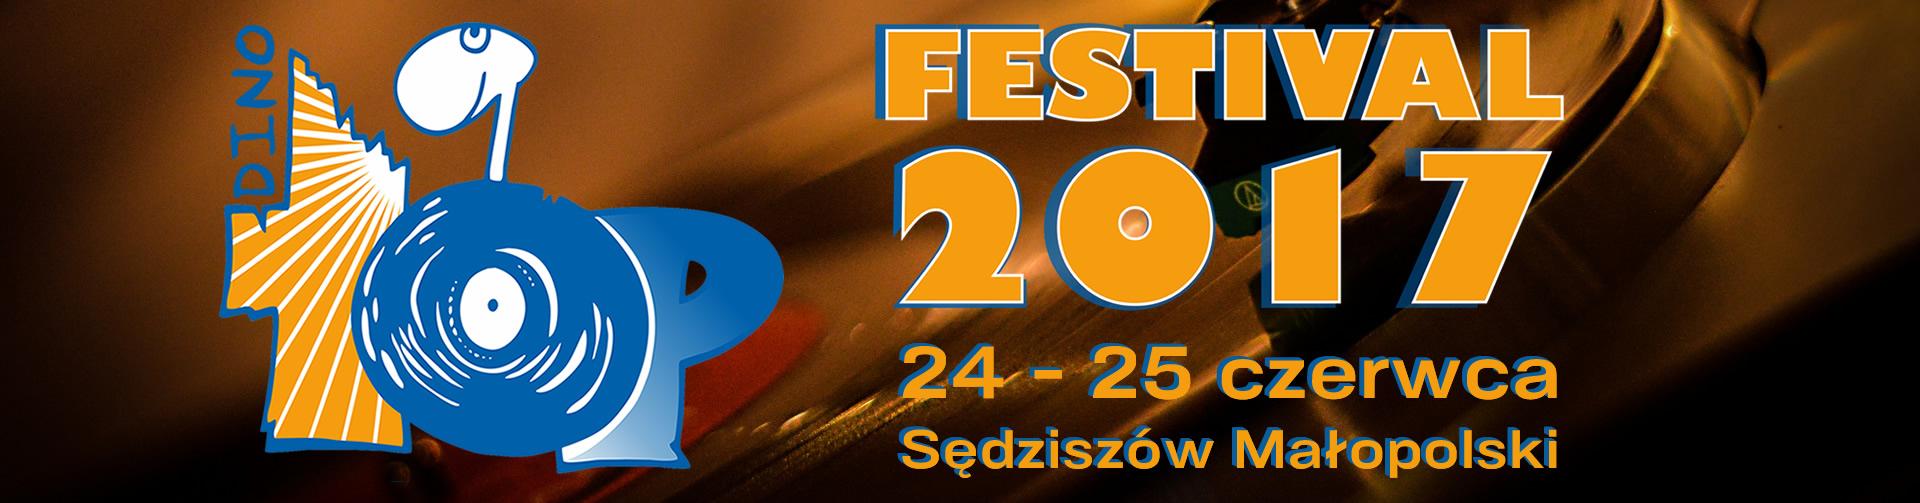 Dino Top Festival - gwiazdą Skaldowie, jako suport RSC, a do tego konkurs. Też tam możesz wystąpić!